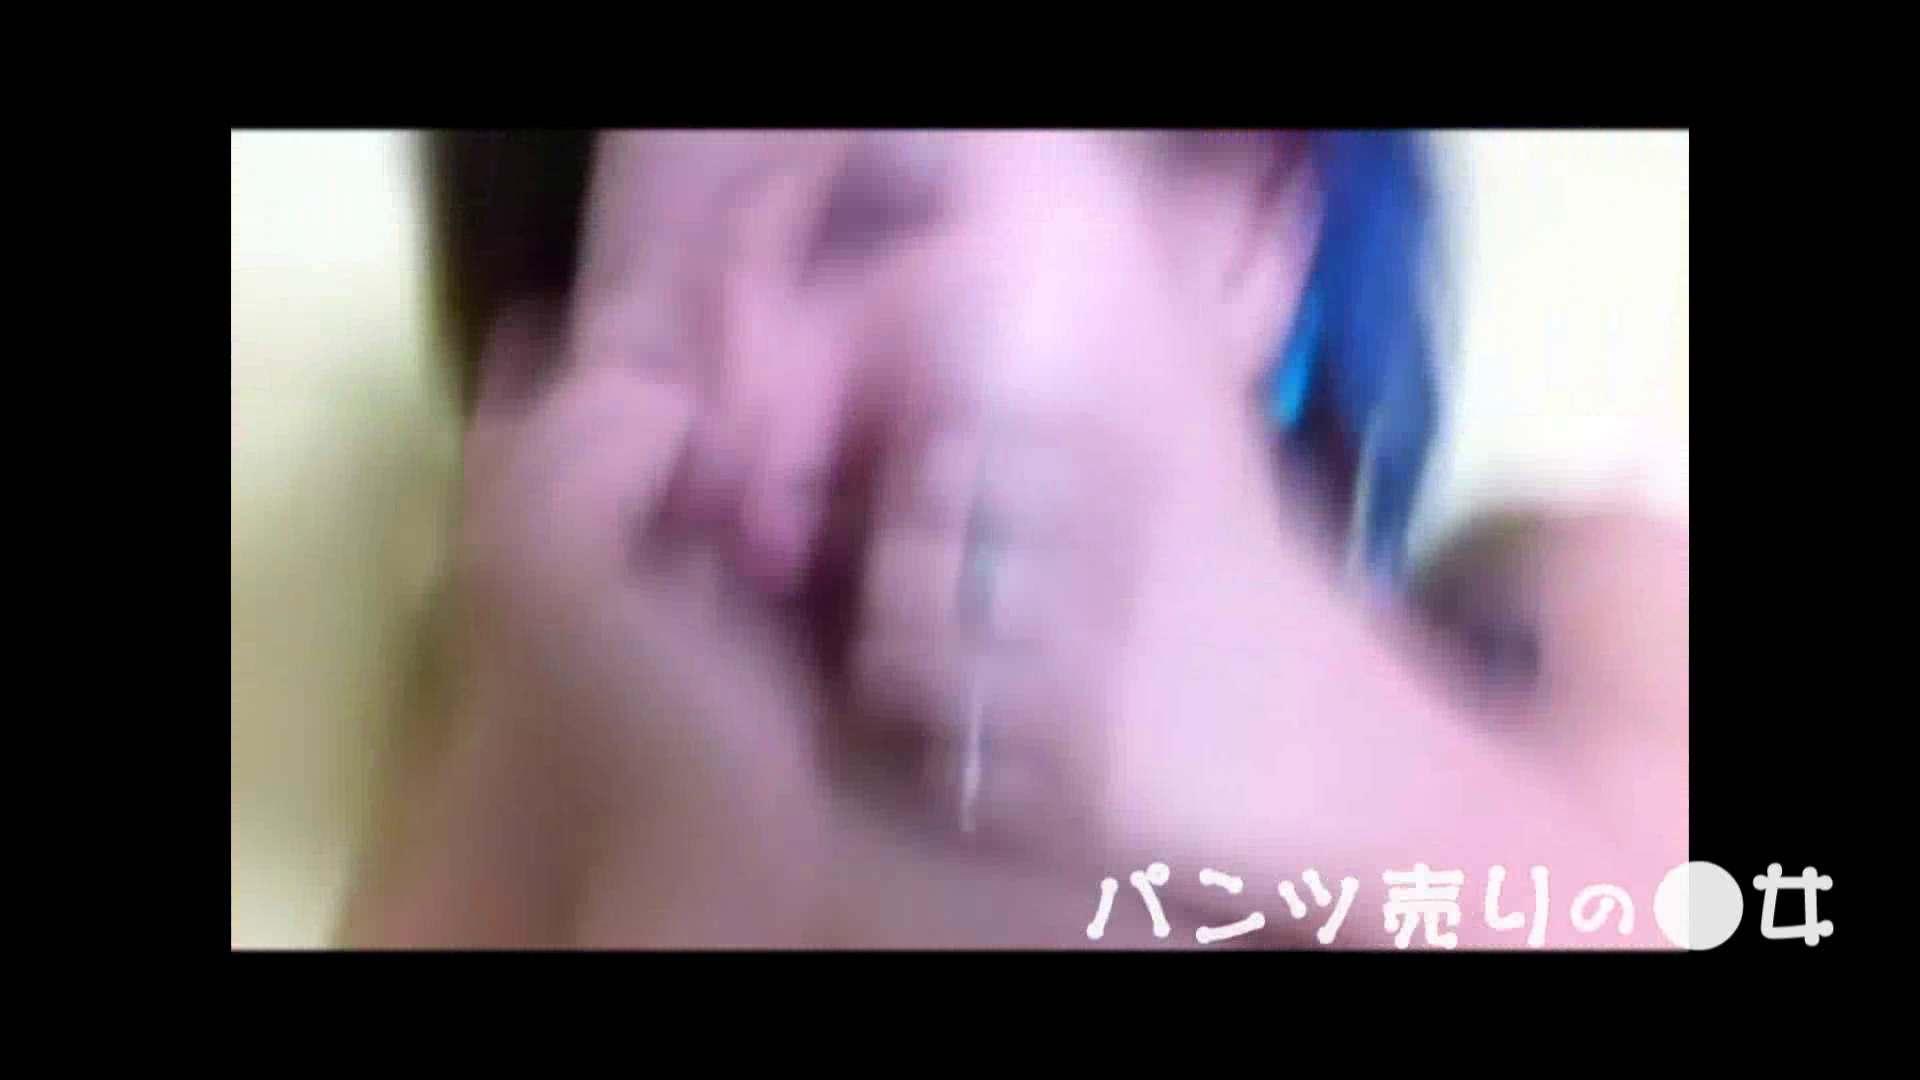 新説 パンツ売りの女の子nana05 投稿物 女性器鑑賞 37連発 23